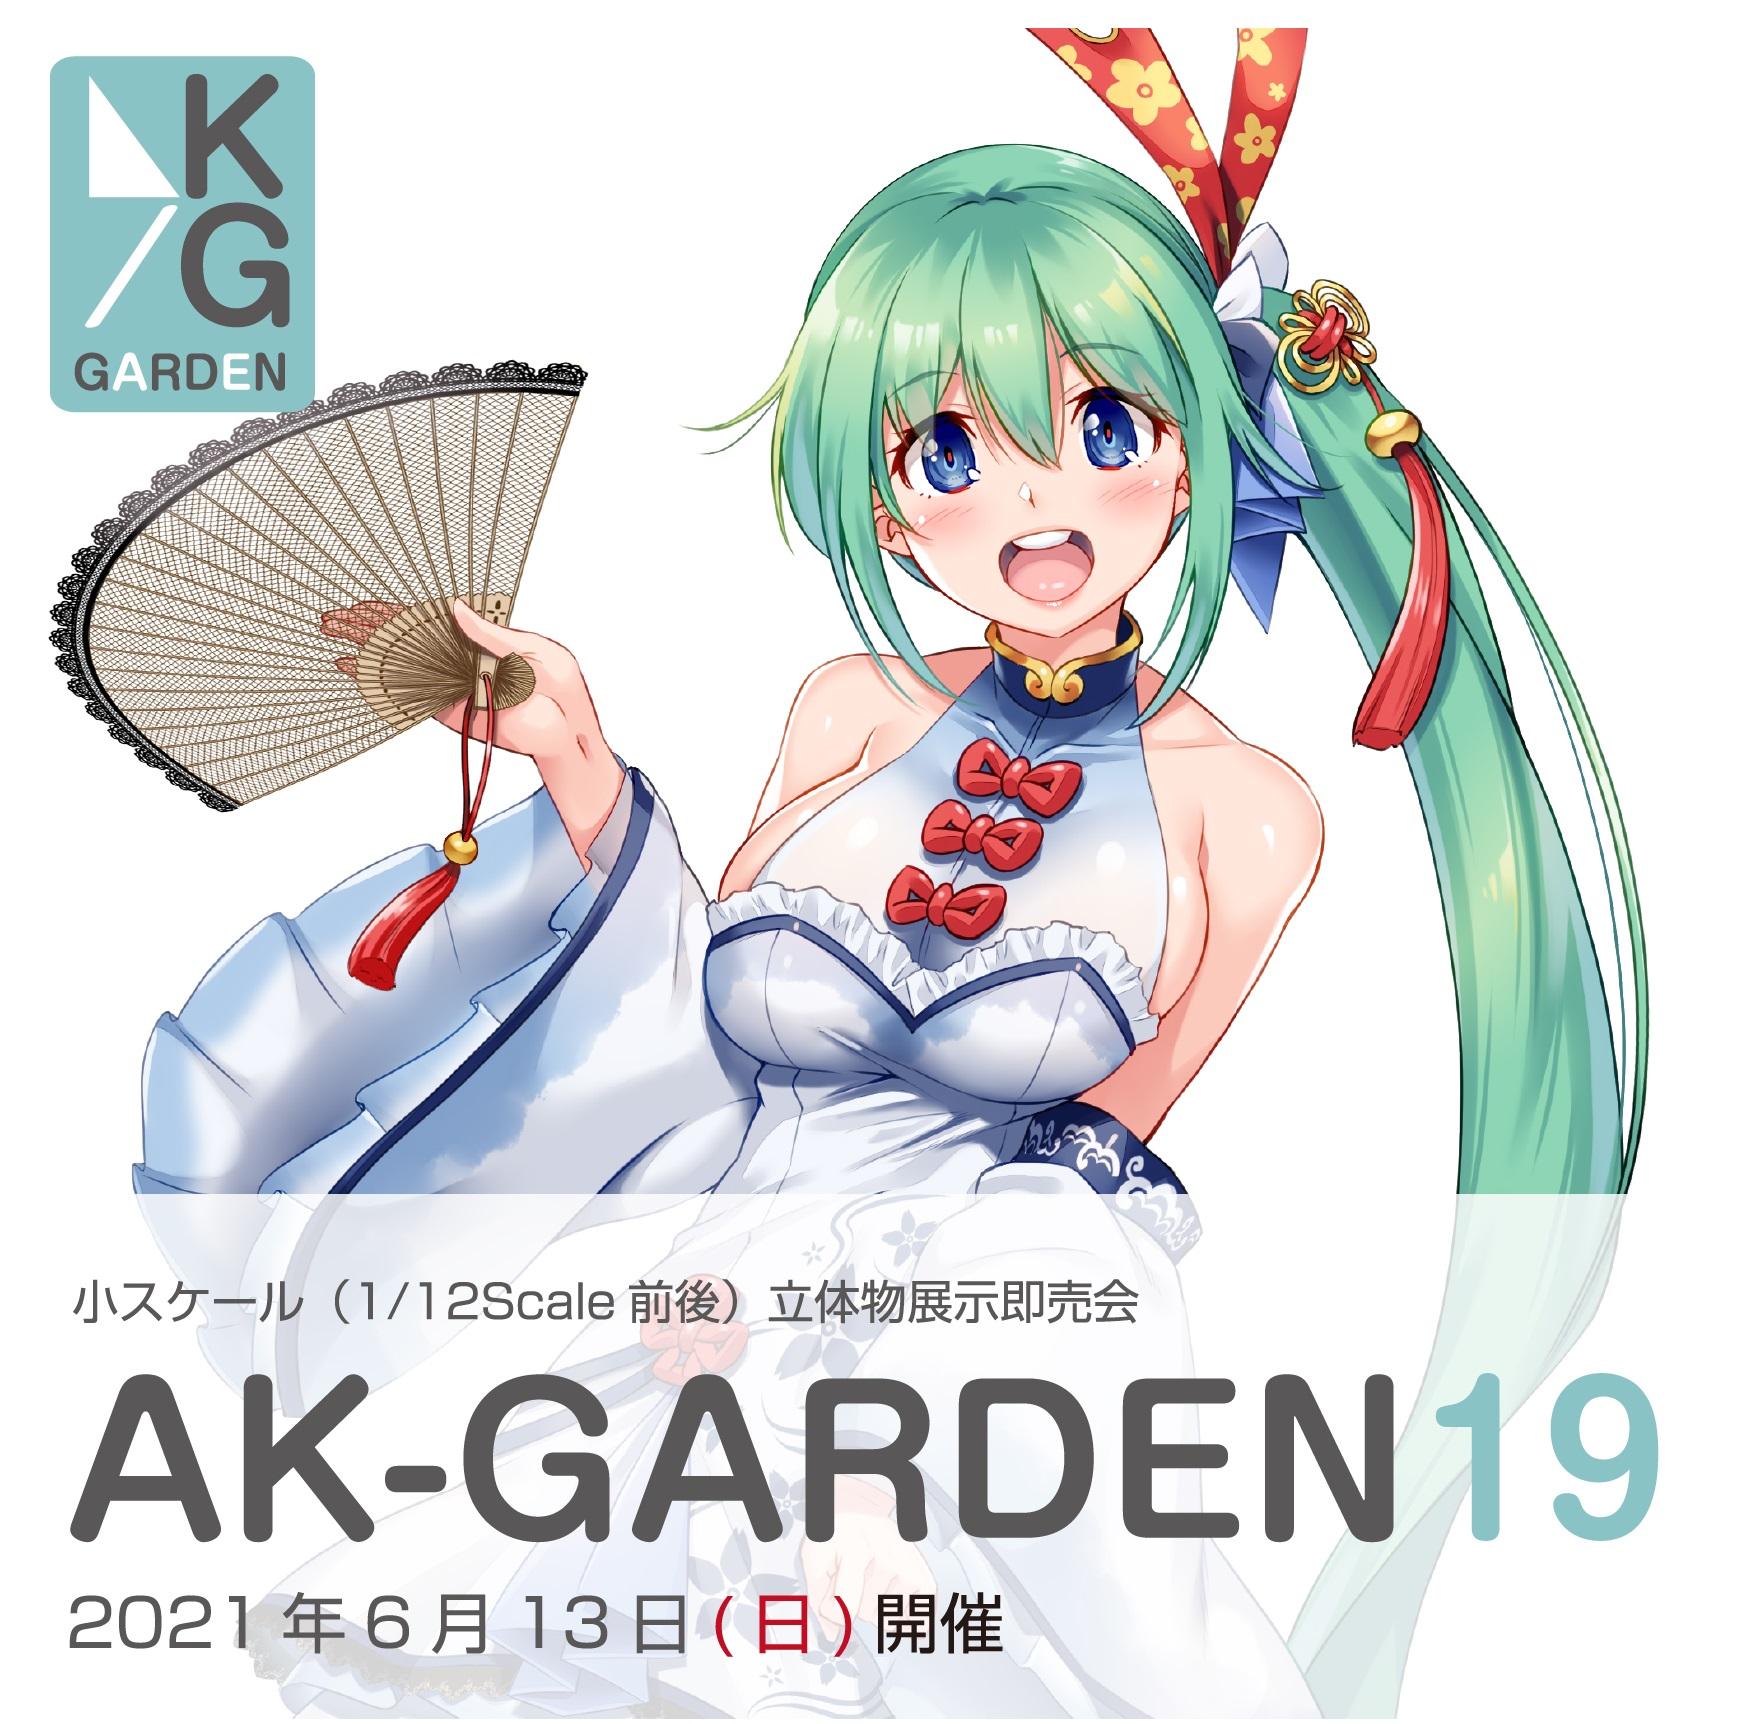 AK-GARDEN19